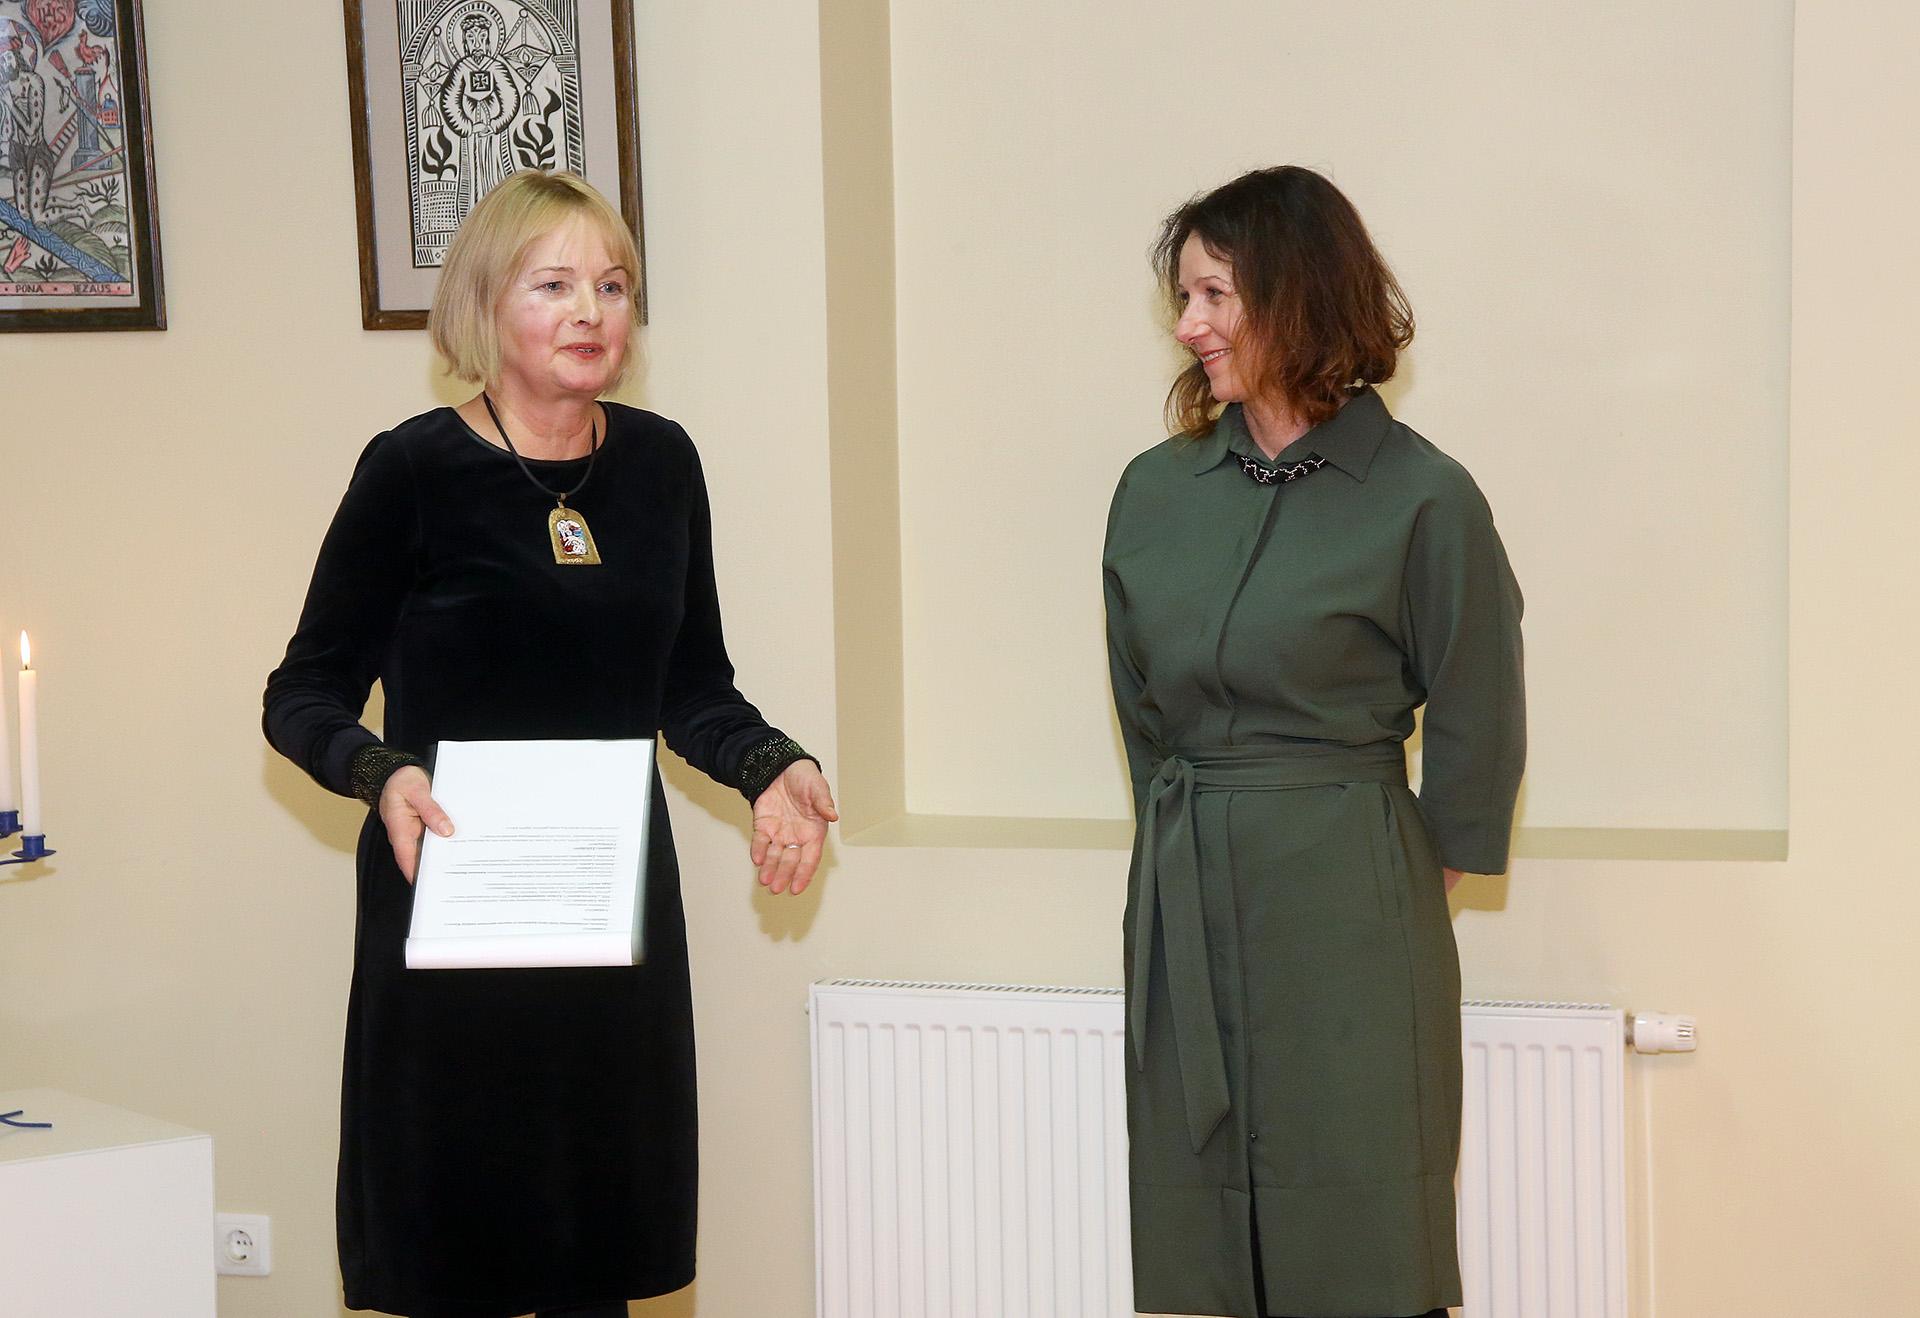 Tradicinio amato statuso sertifikatą gavusi Inga Skučė intensyviai plėtoja senąjį vilnos vėlimą. / A. Barzdžiaus nuotr.